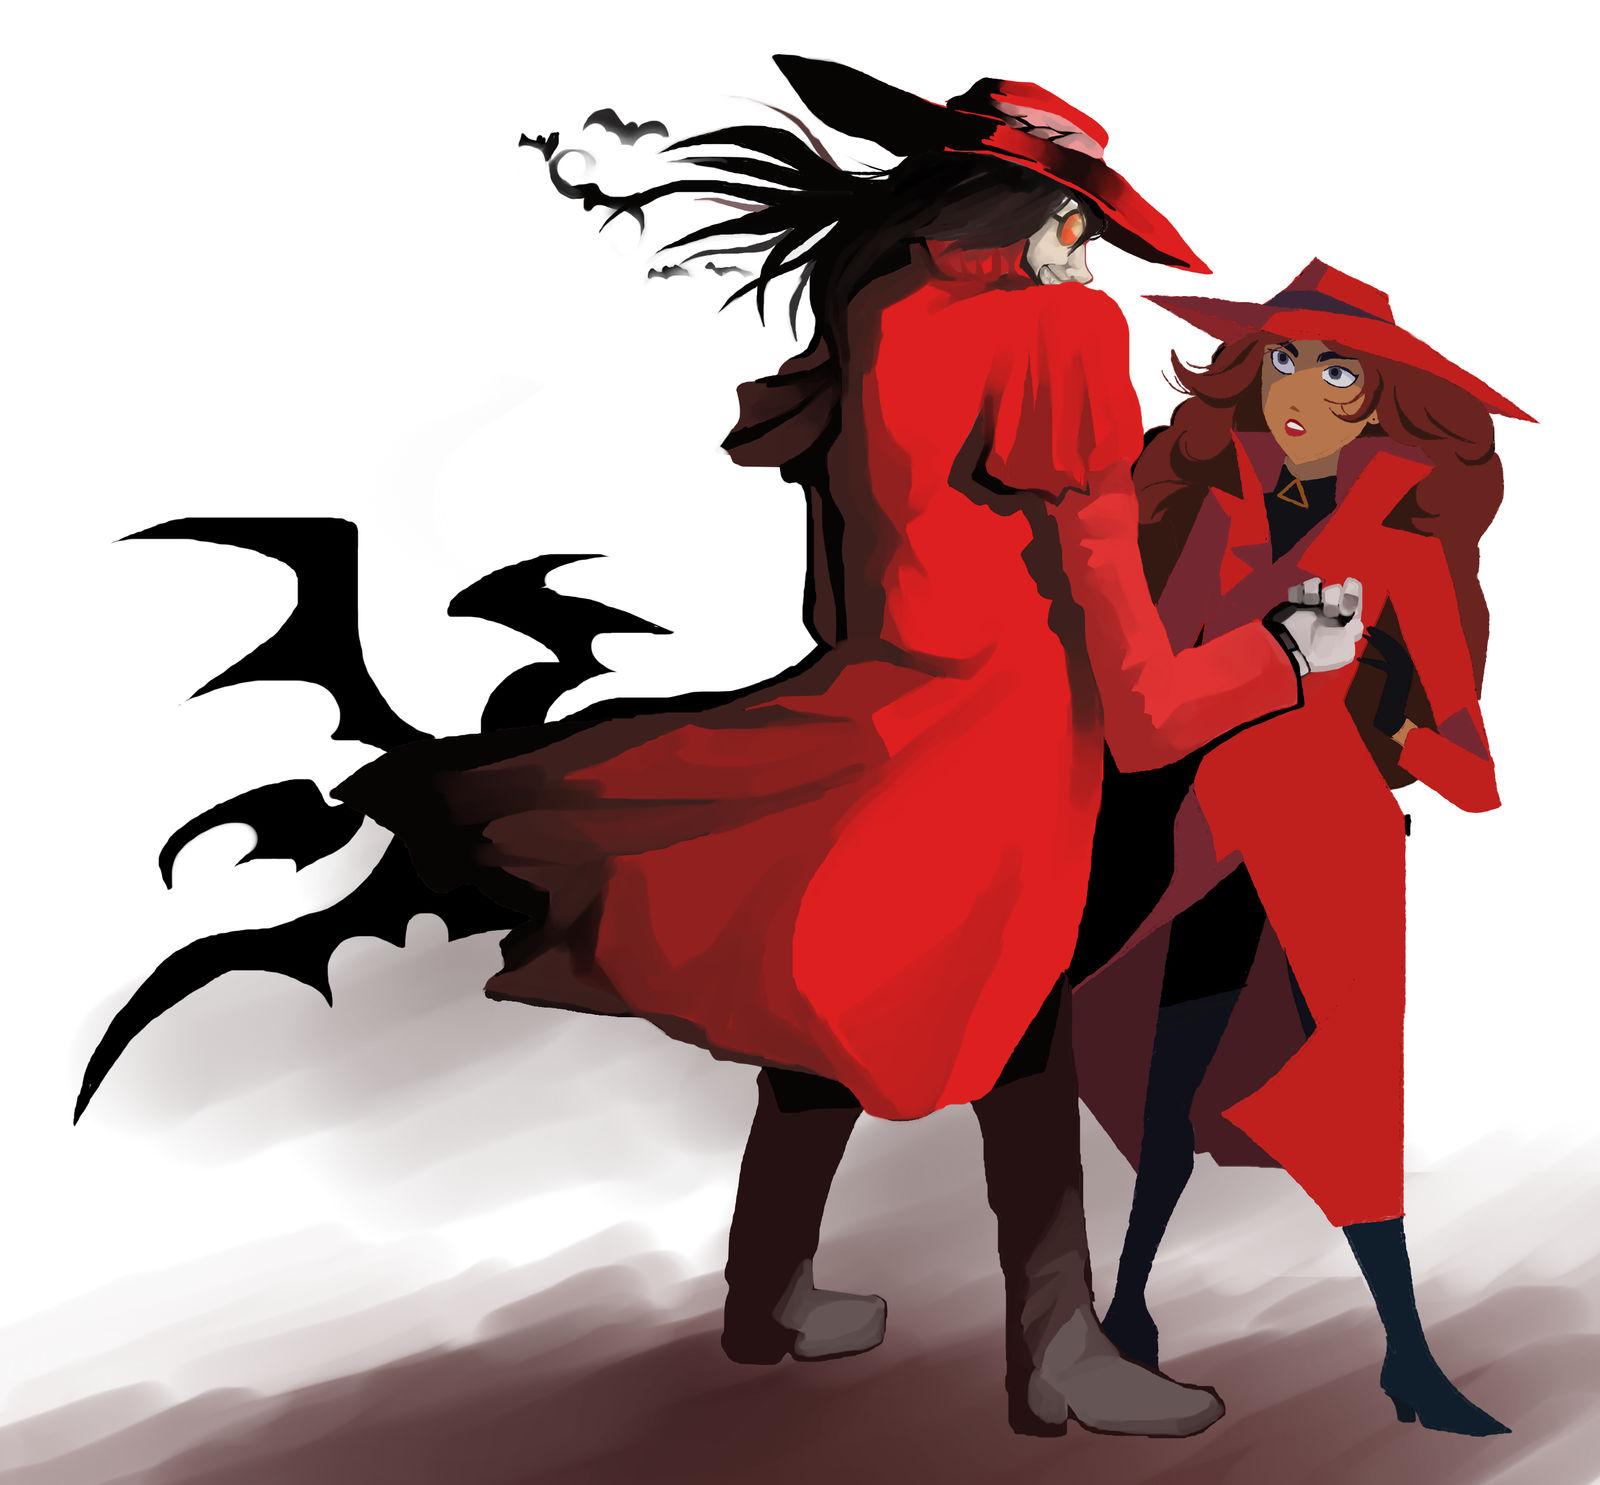 Alucard Pics in red (alucardcarmen sandiego)fancyfanj on deviantart